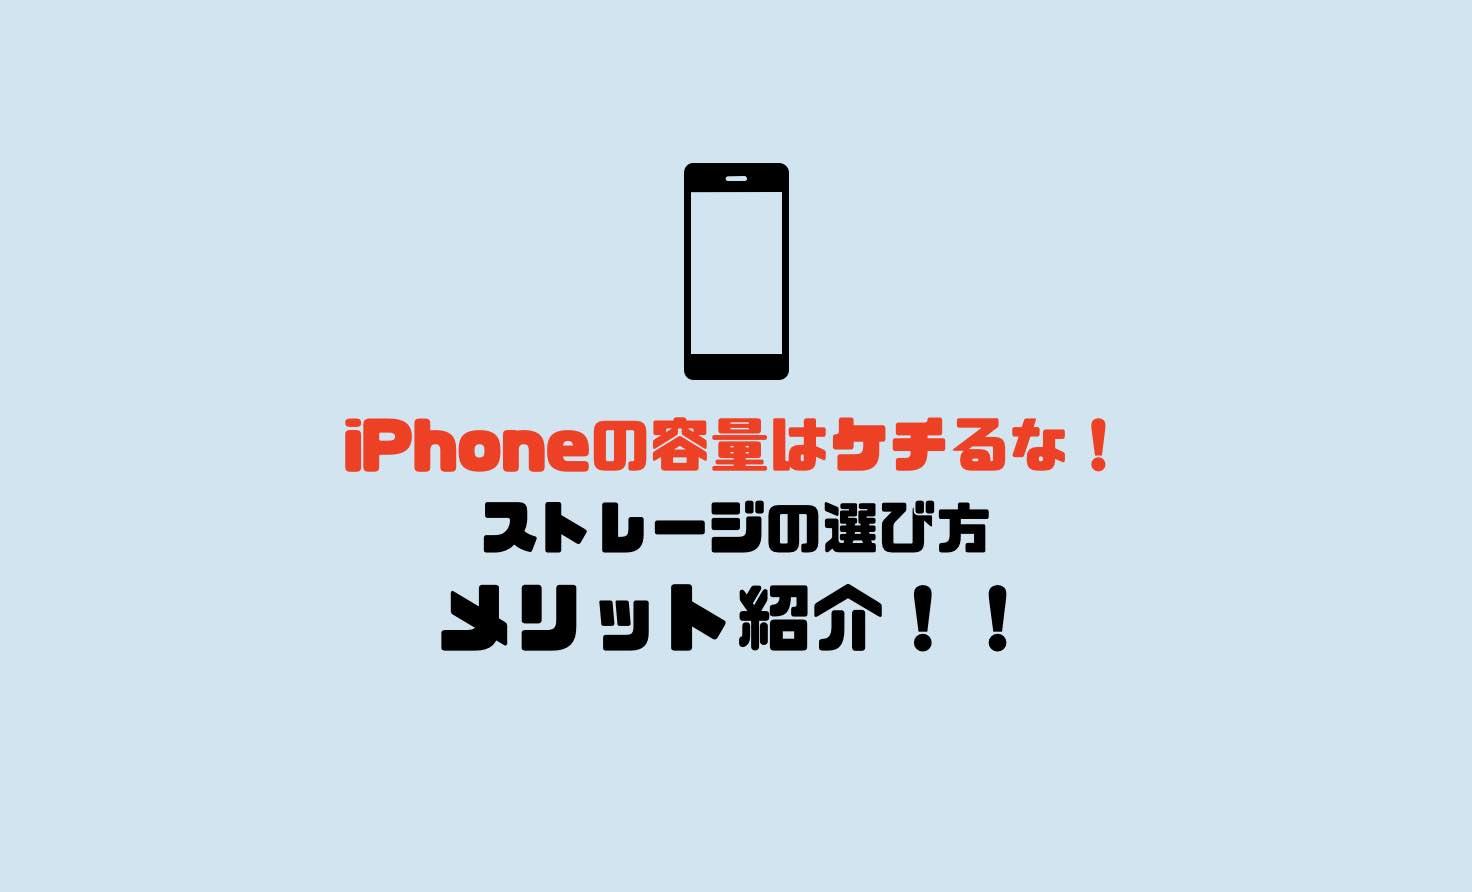 ストレージ 増やす iphone